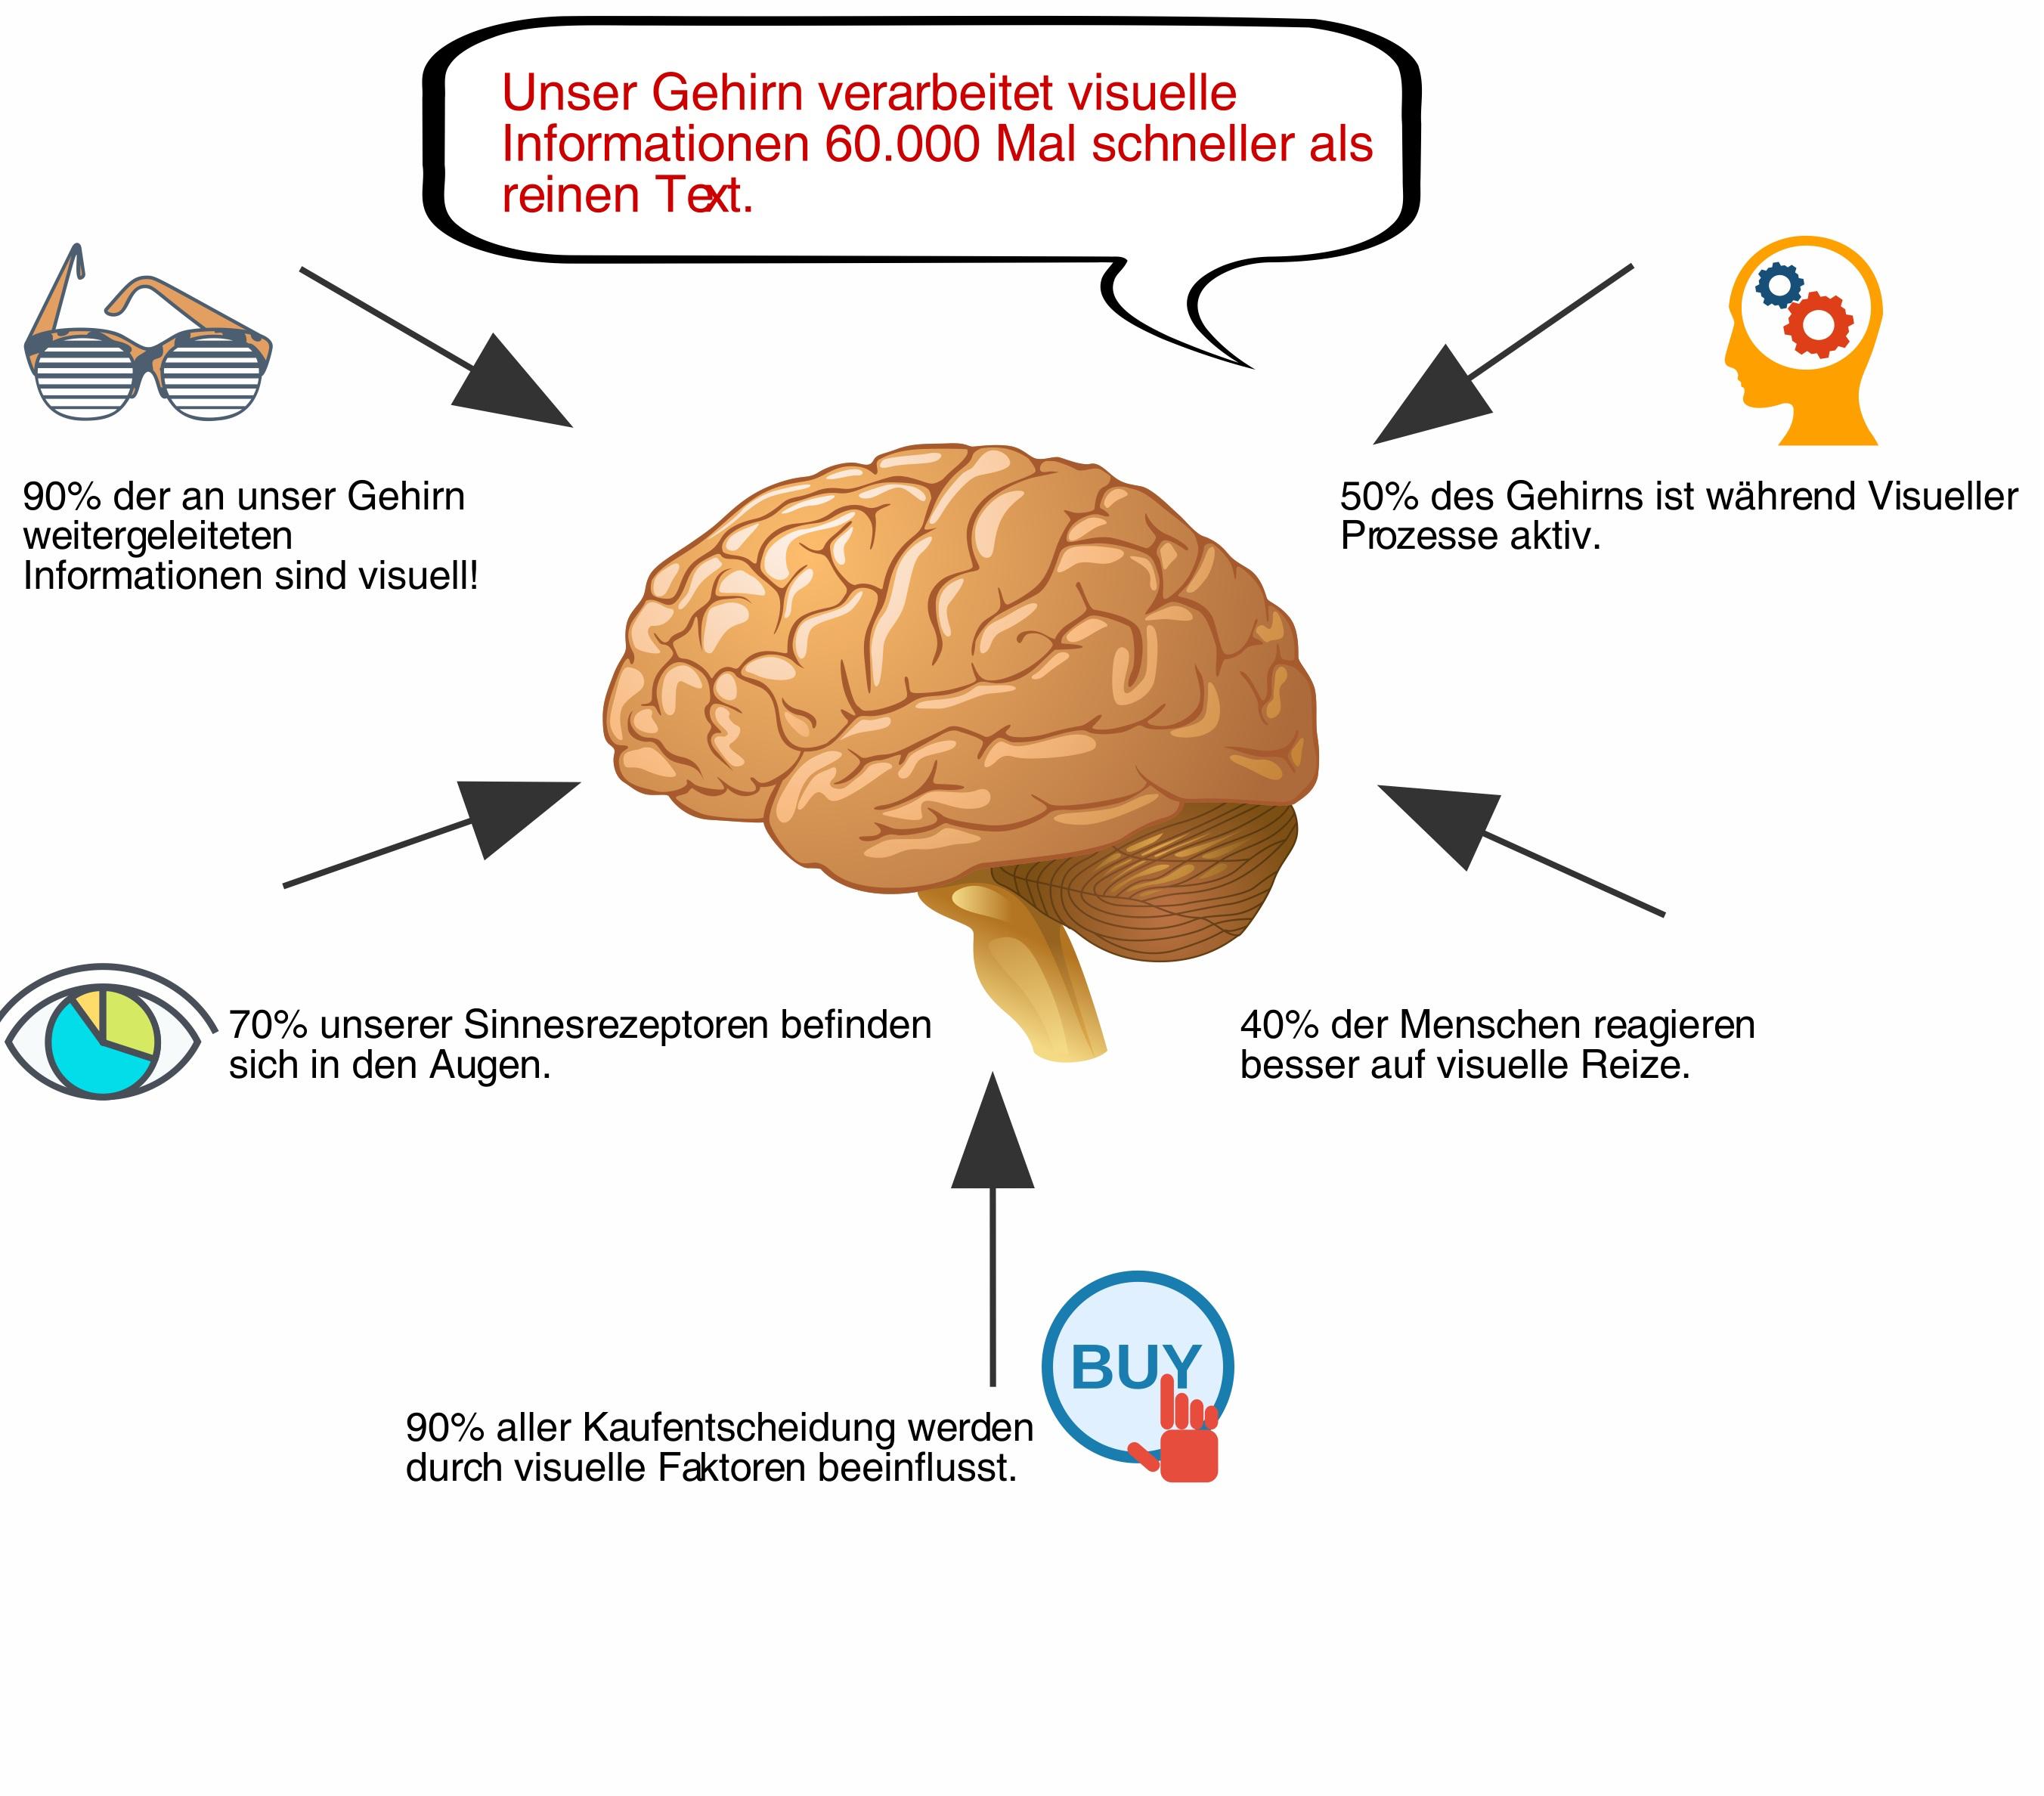 Großzügig Gehirn Anatomie Und Funktion Interaktiv Bilder ...